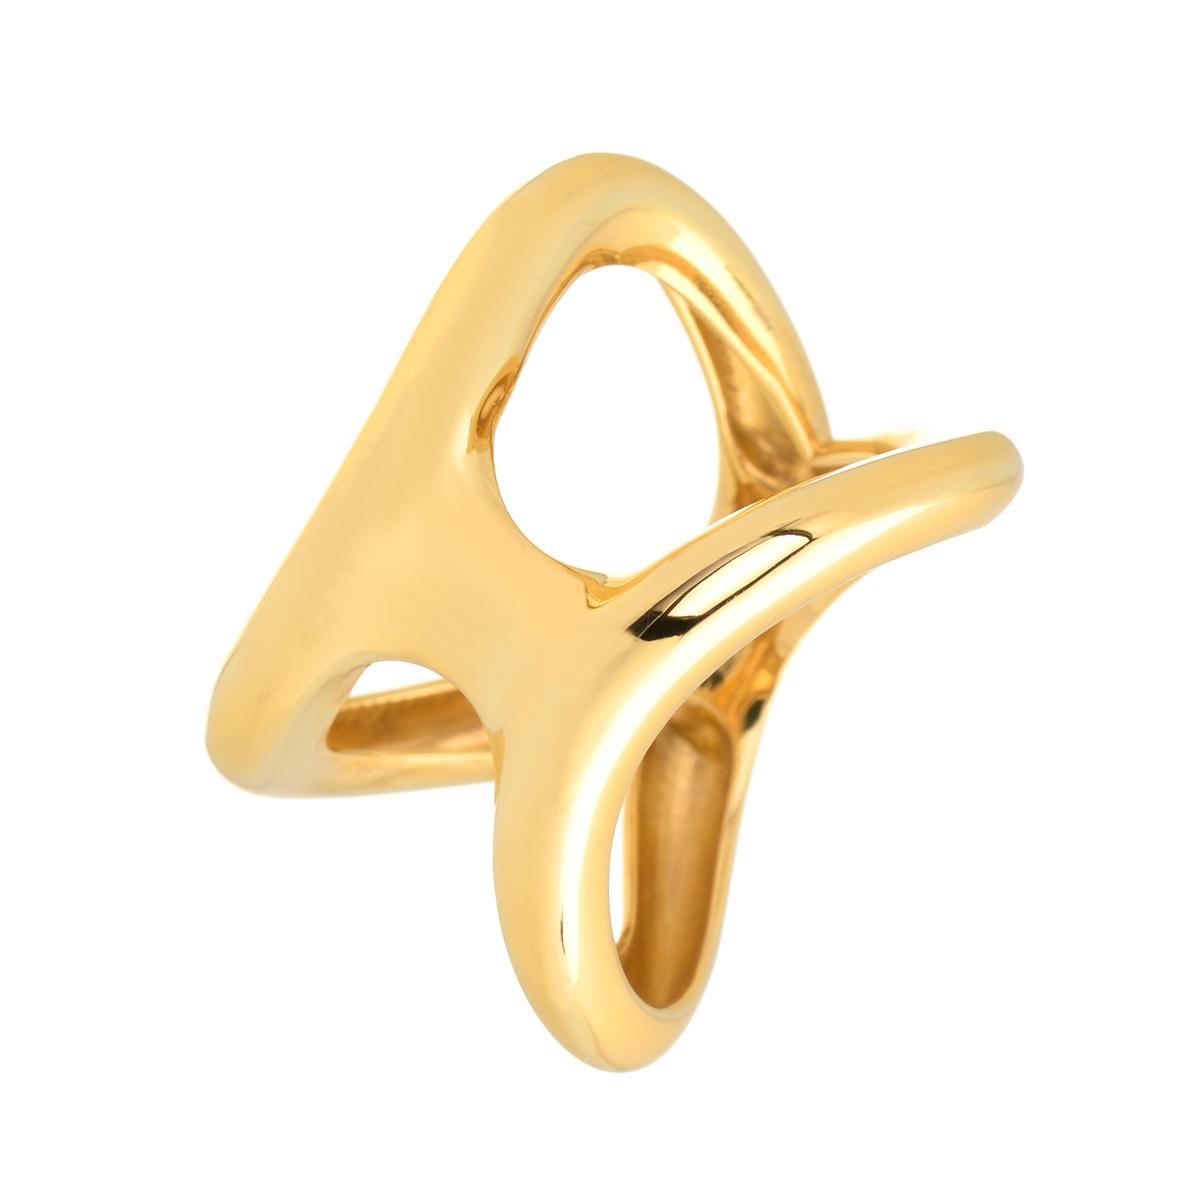 χρυσο δαχτυλιδι με ογκο